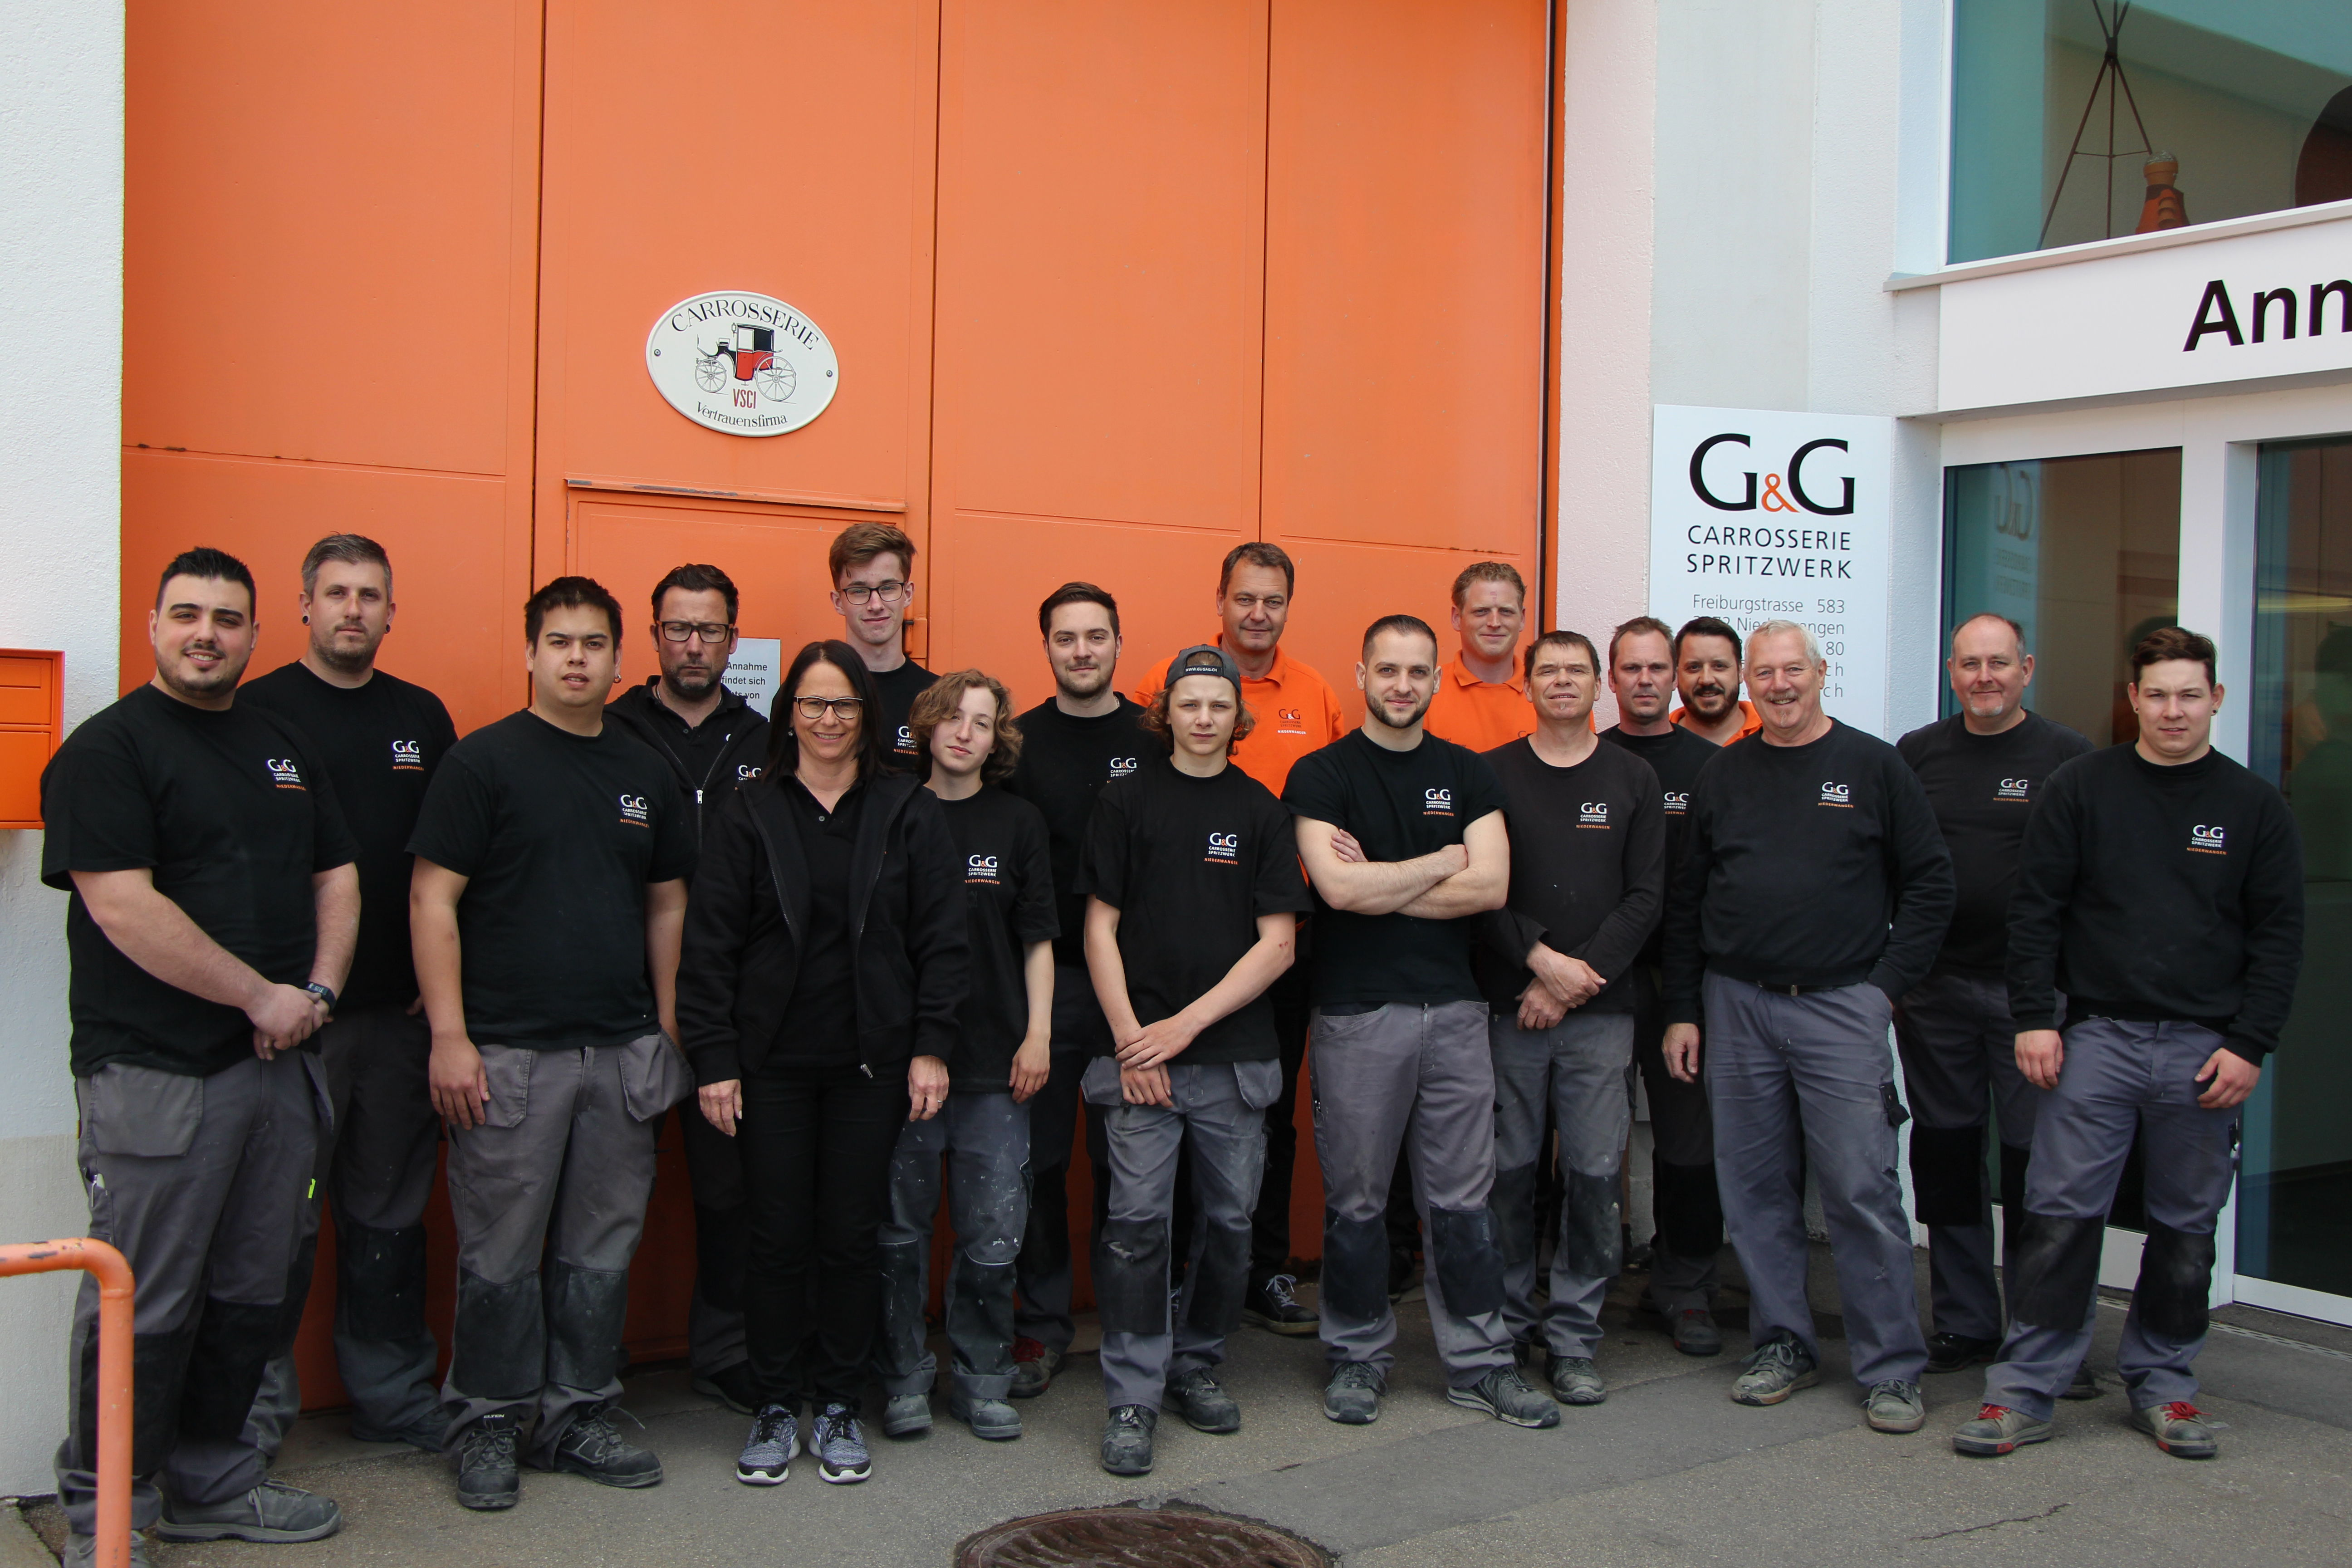 Carrosserie G&G AG